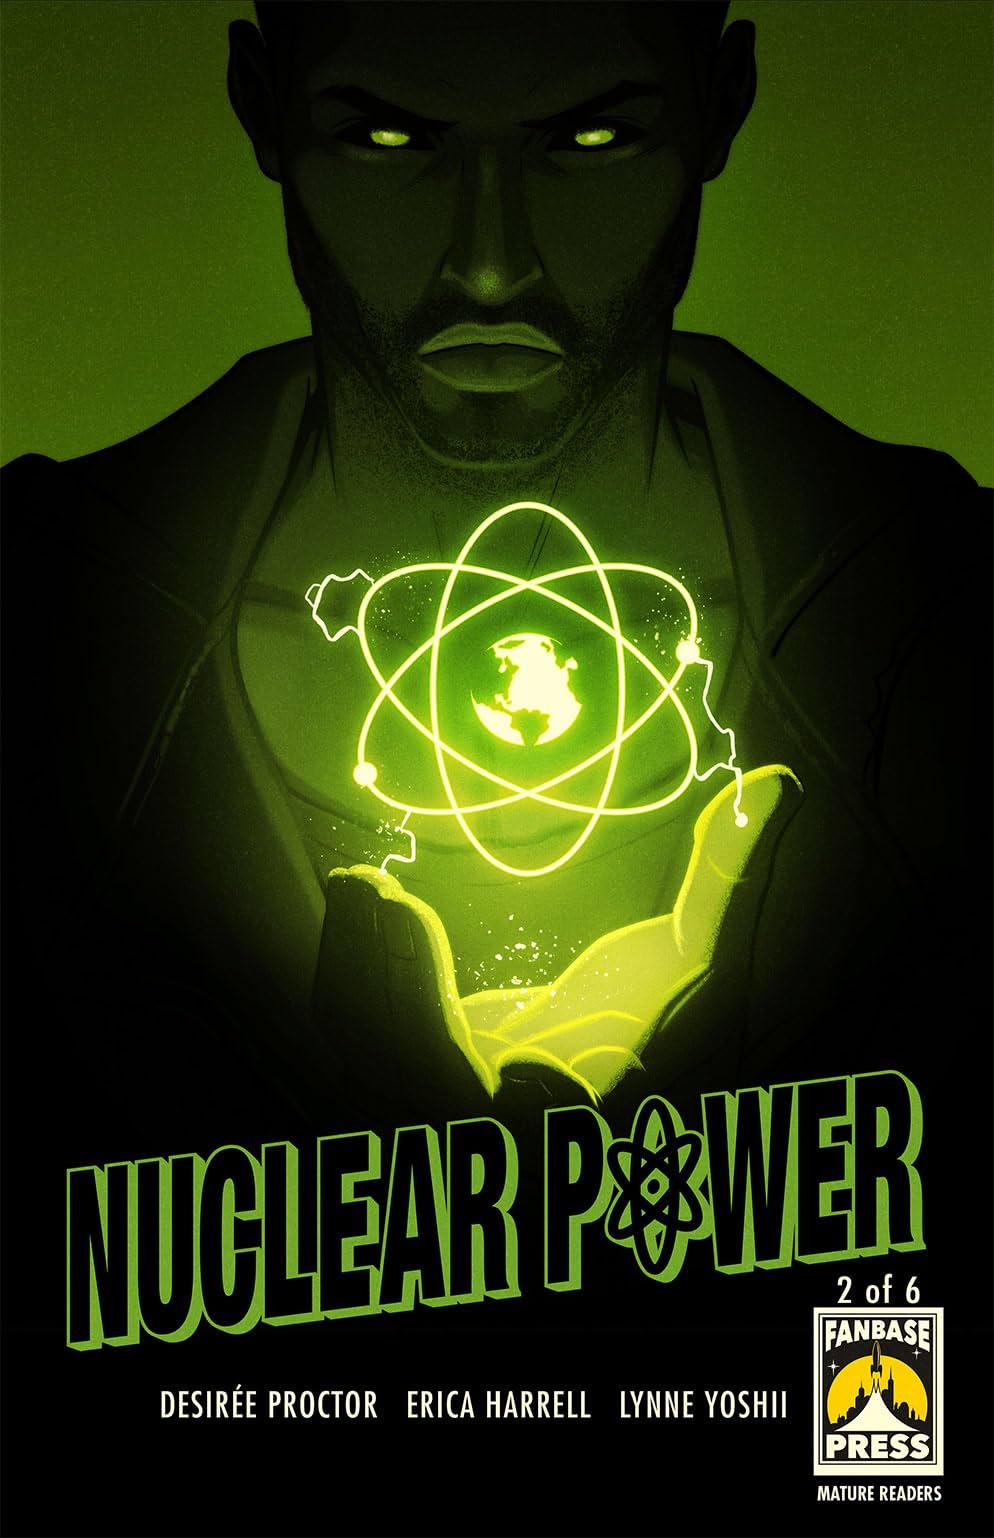 Nuclear Power #2